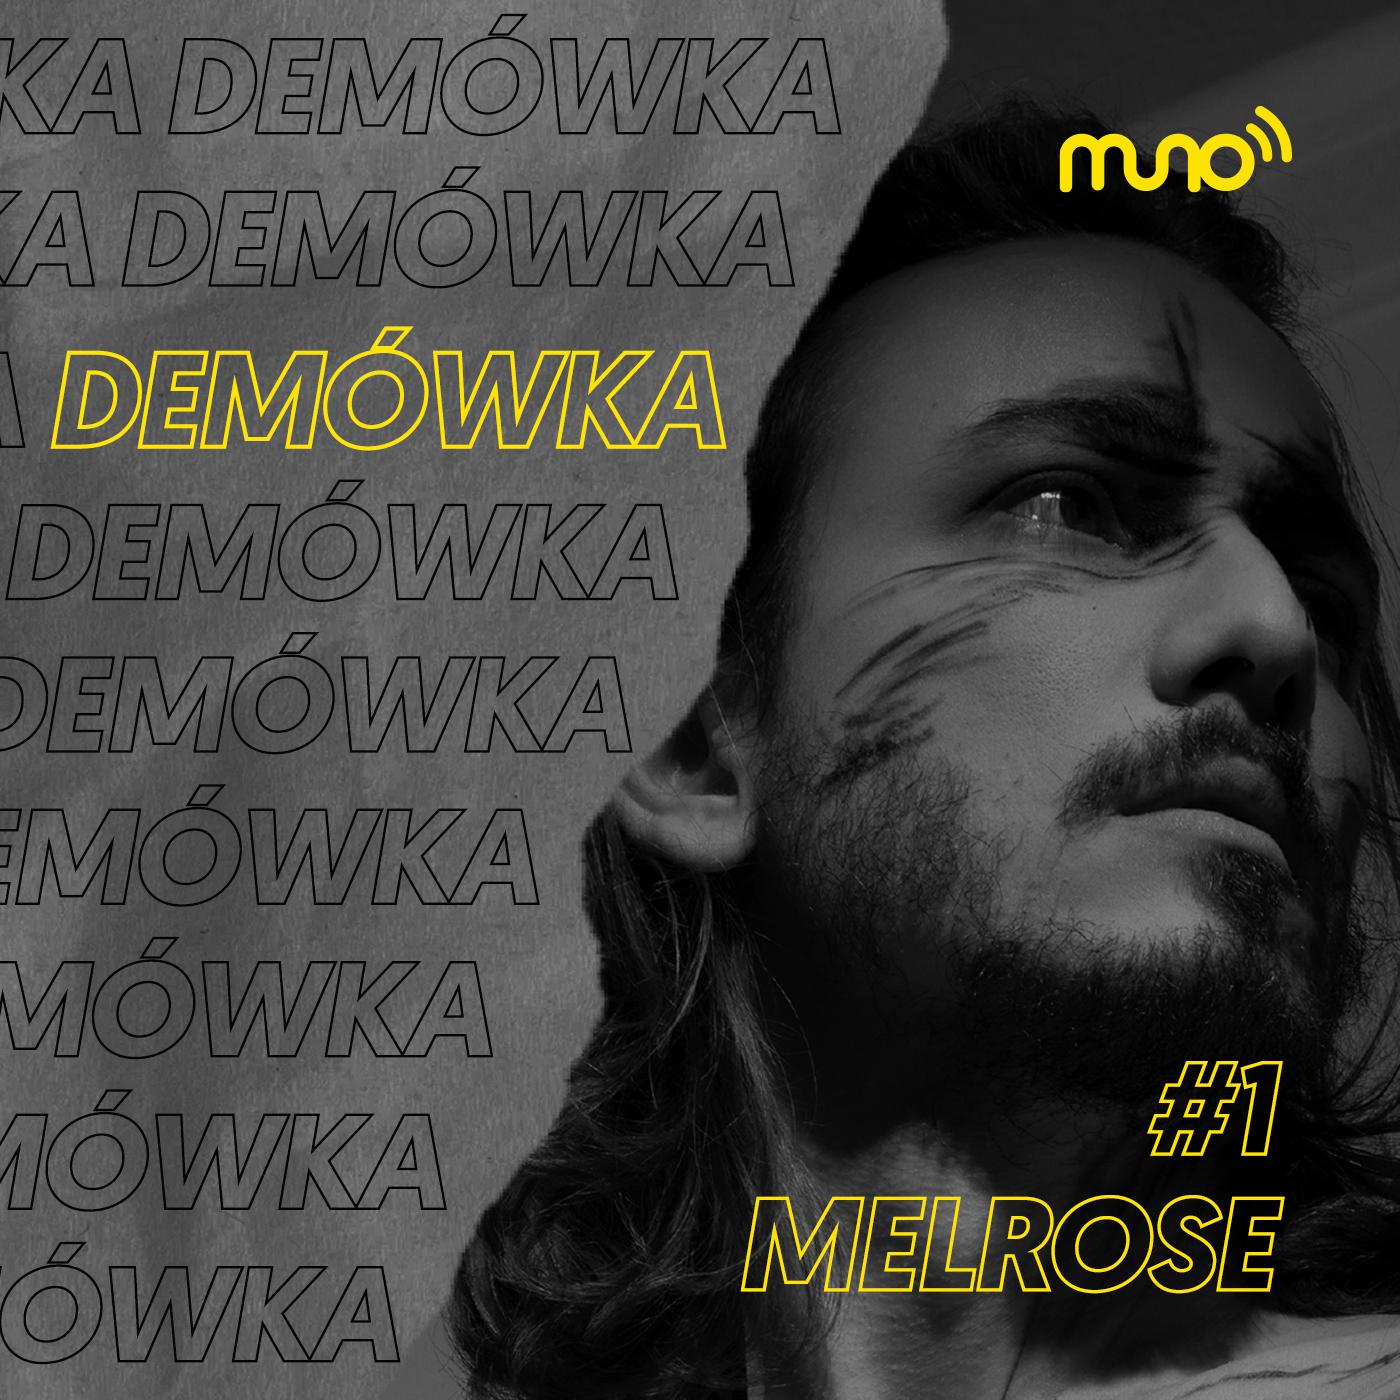 Demówka - Melrose